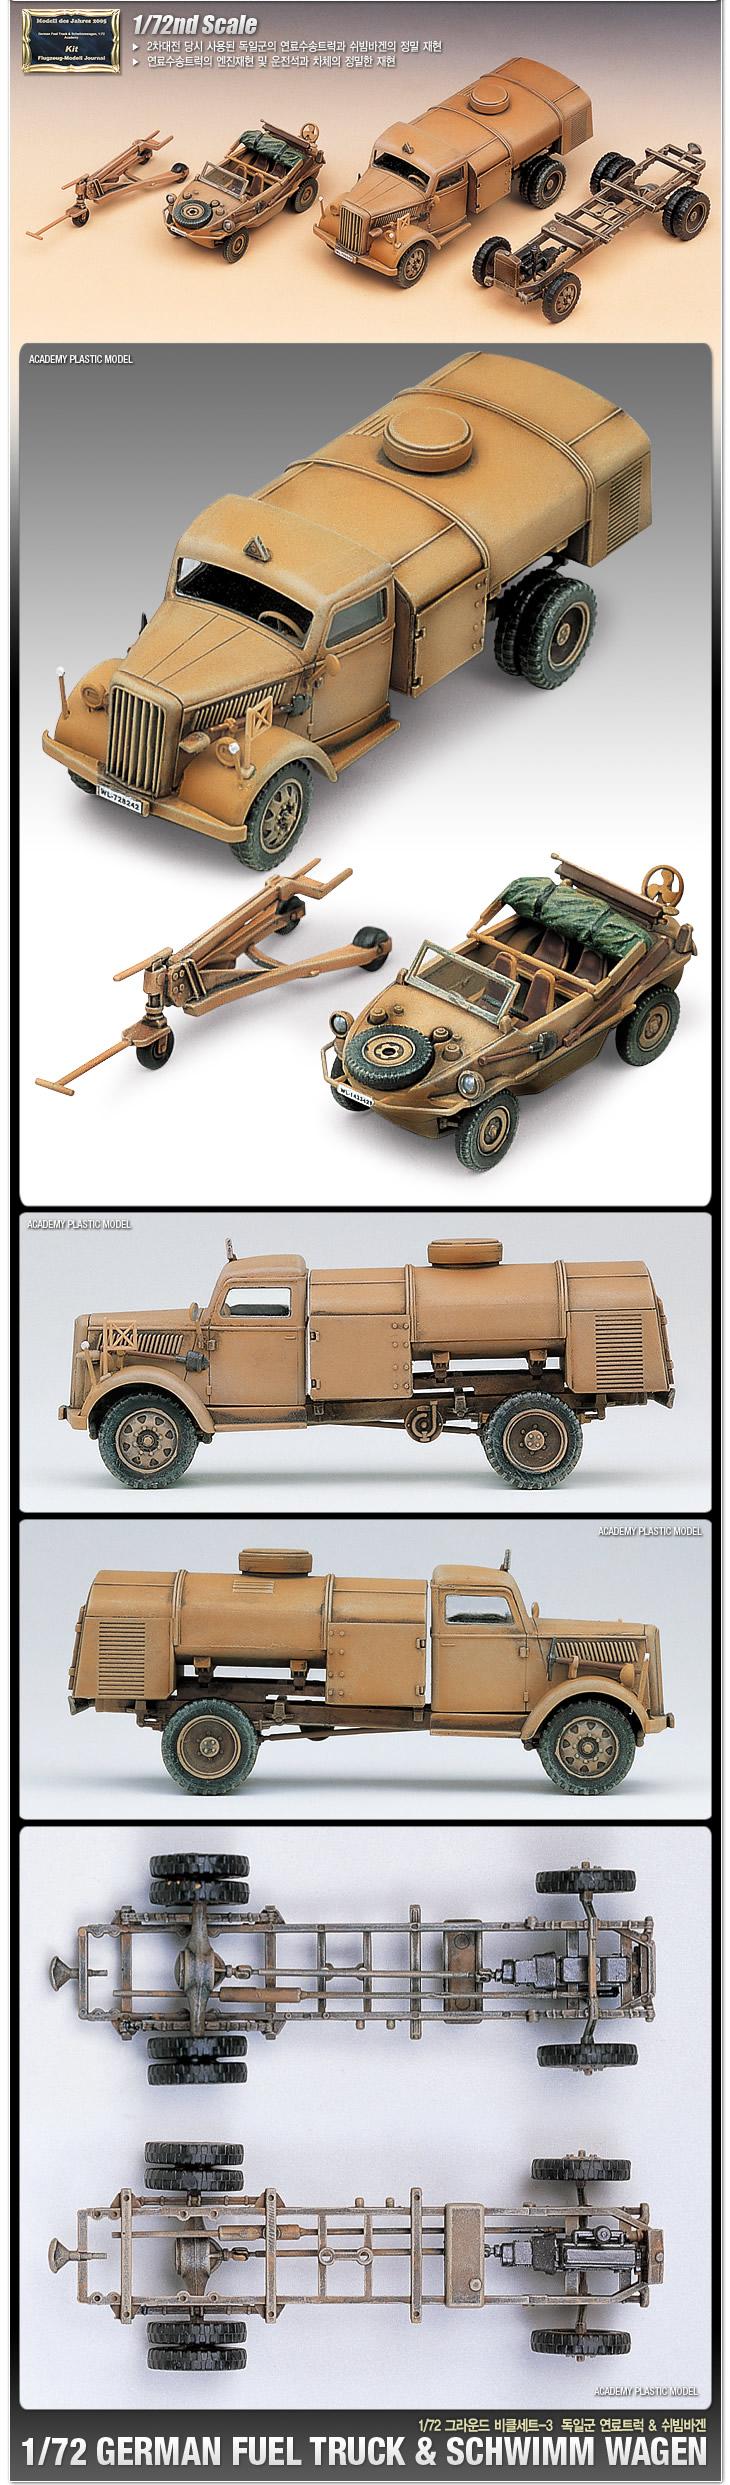 Academy 1/72 WWII German Fuel Truck and Schwimwagen # 13401